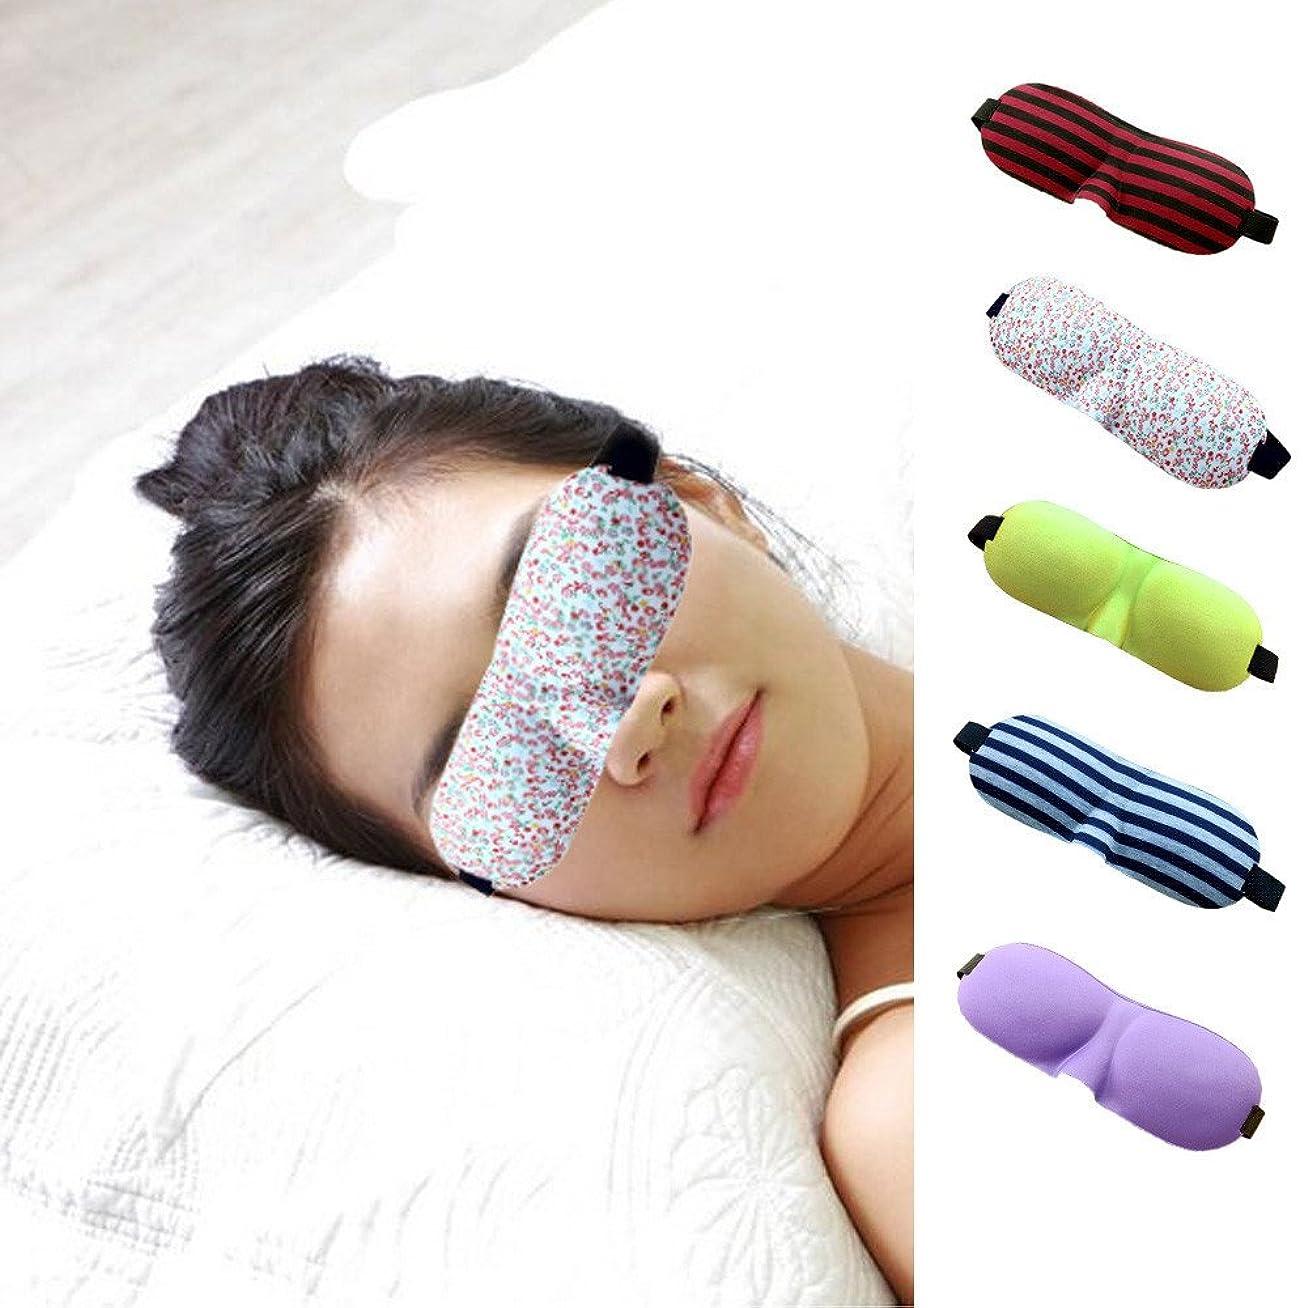 宿題をする仲間独立注意3d睡眠マスクナチュラル睡眠アイマスクアイシェードカバーシェードアイパッチ女性男性ソフトポータブル目隠しCorolfulアイパッチ1a13